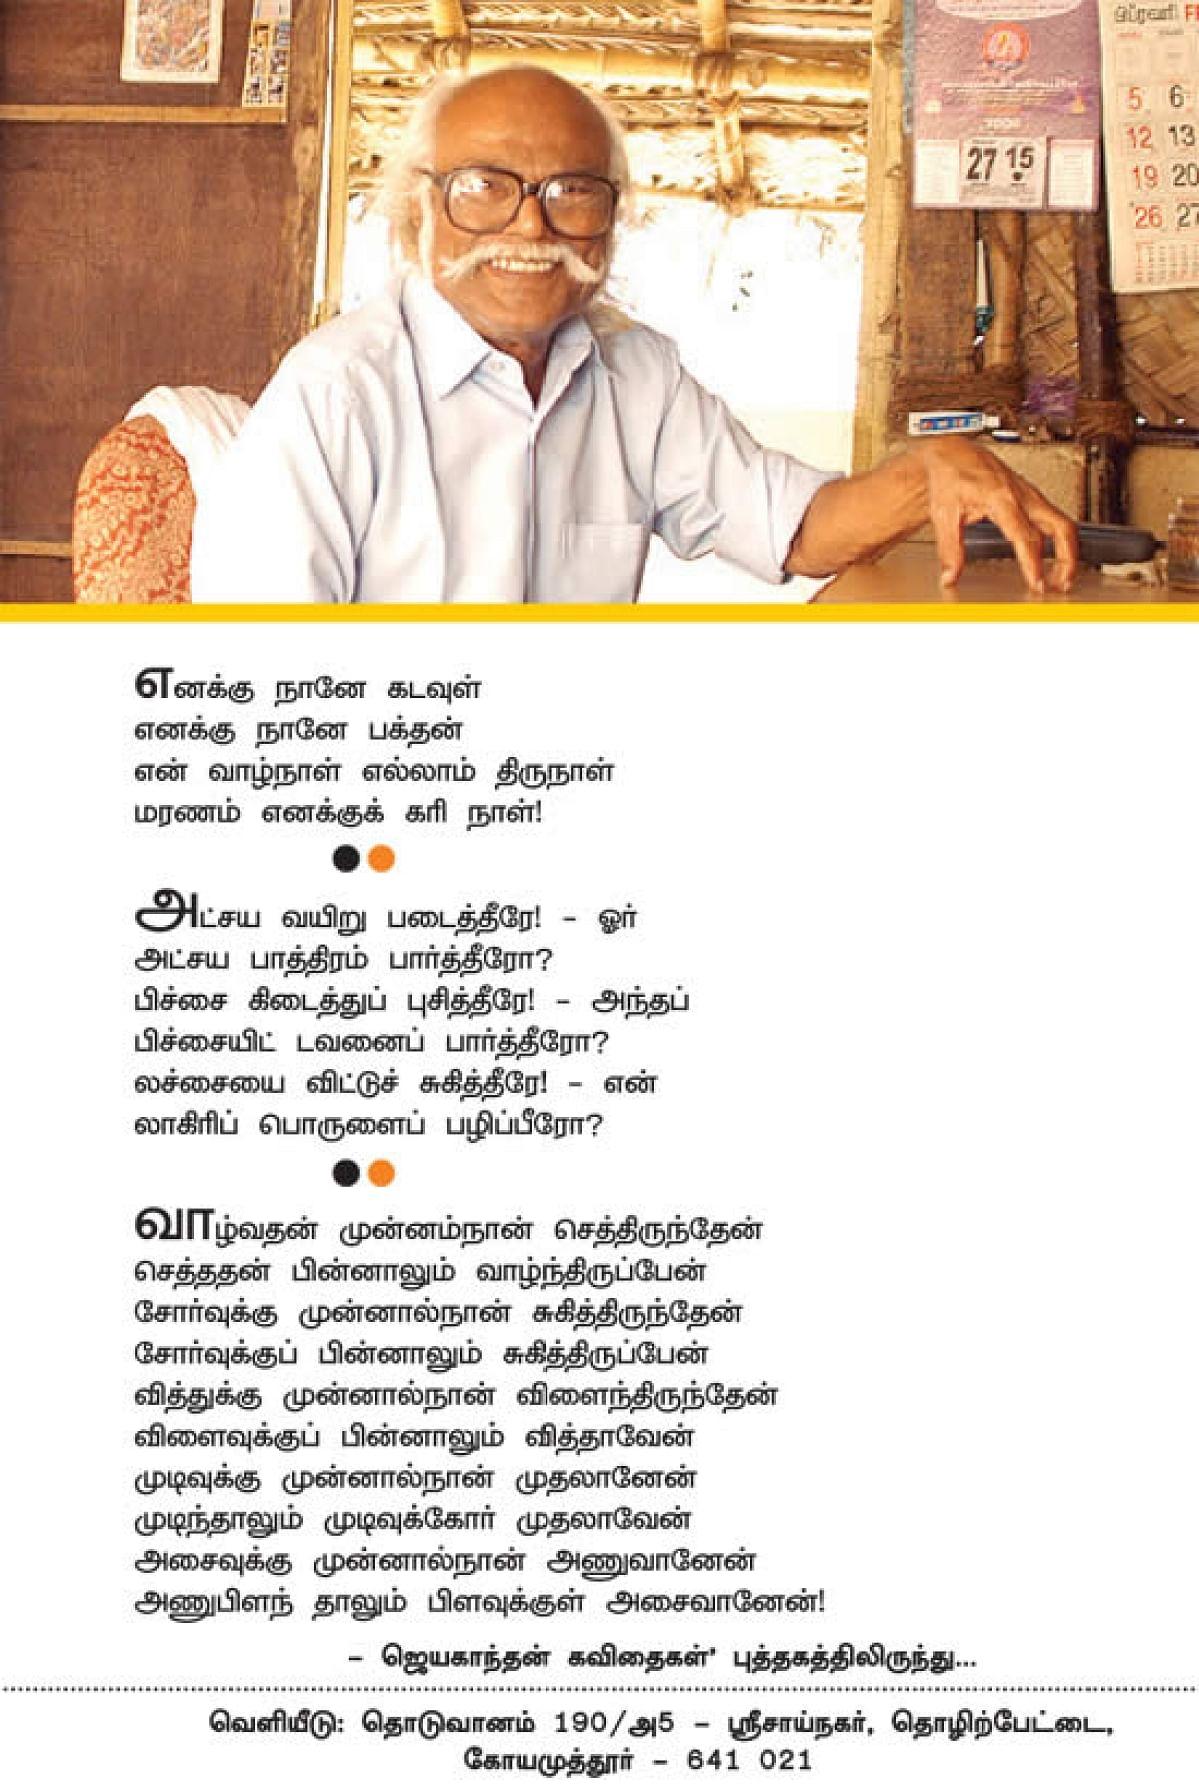 `உங்களை நம்பிதான் சென்னை வந்தோம்' என இளையராஜா சொன்னது இவரிடம்தான்! #JayakanthanMemories